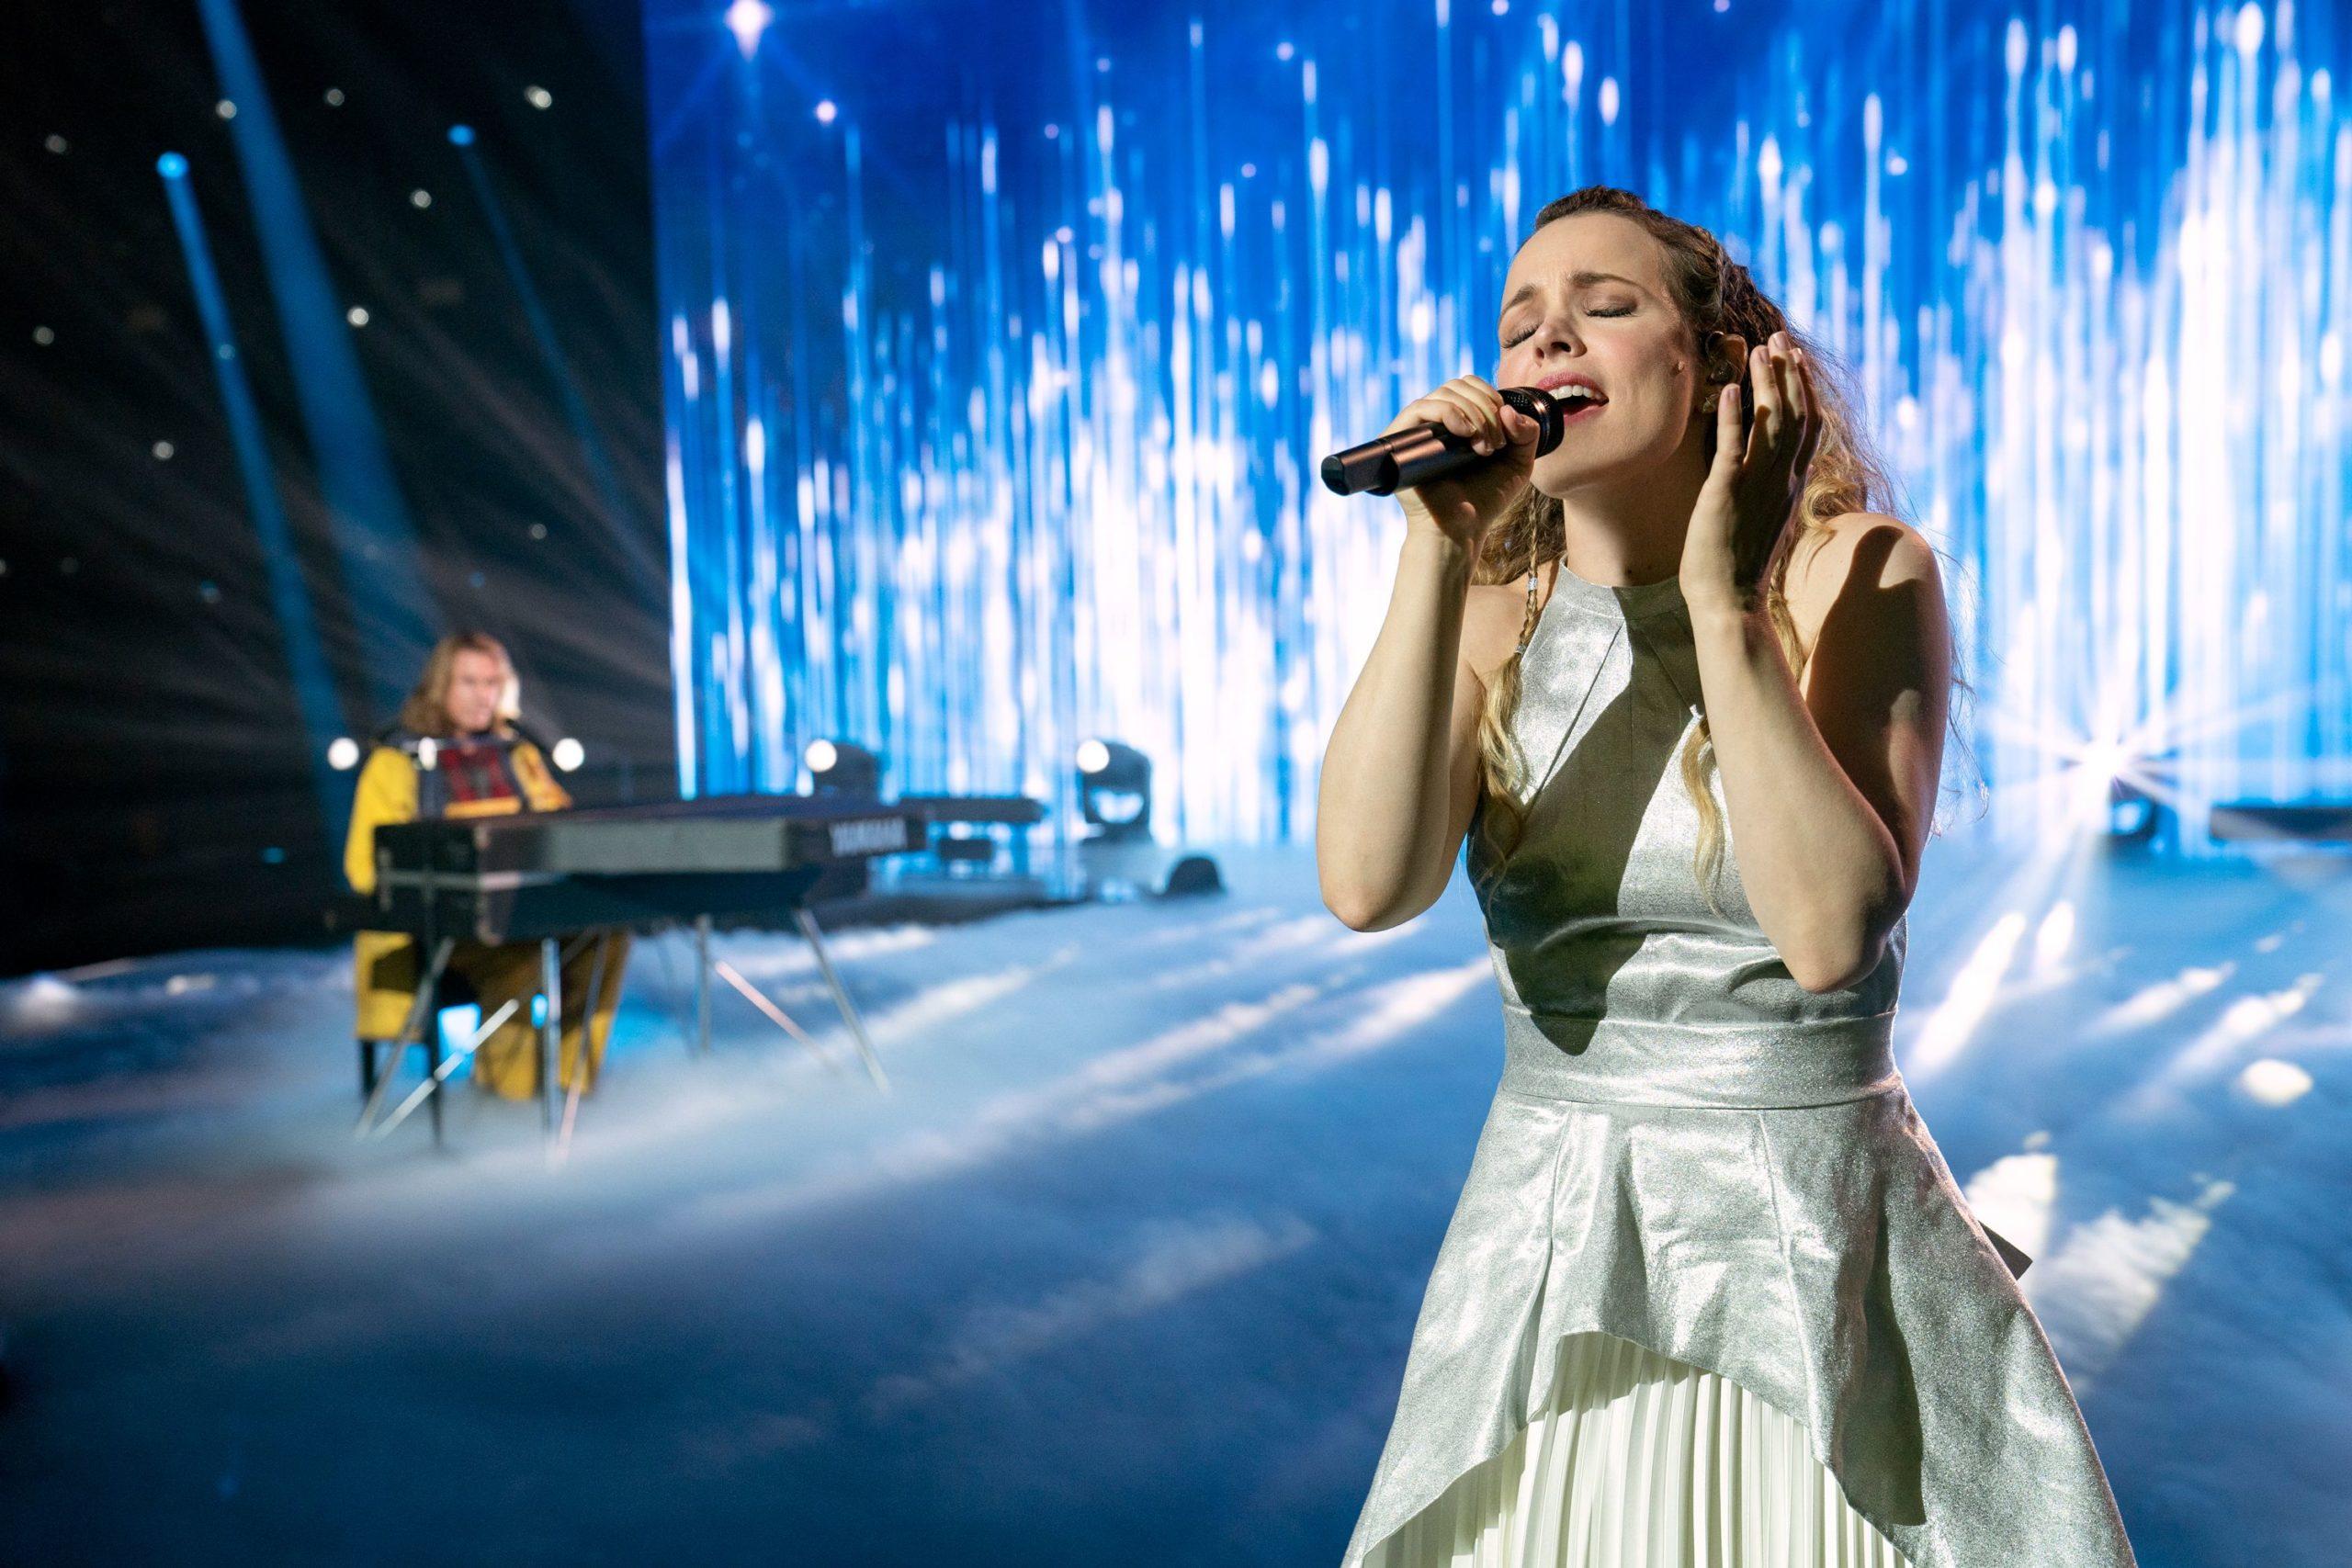 Eurovision: A Competição Para Além Do Talento